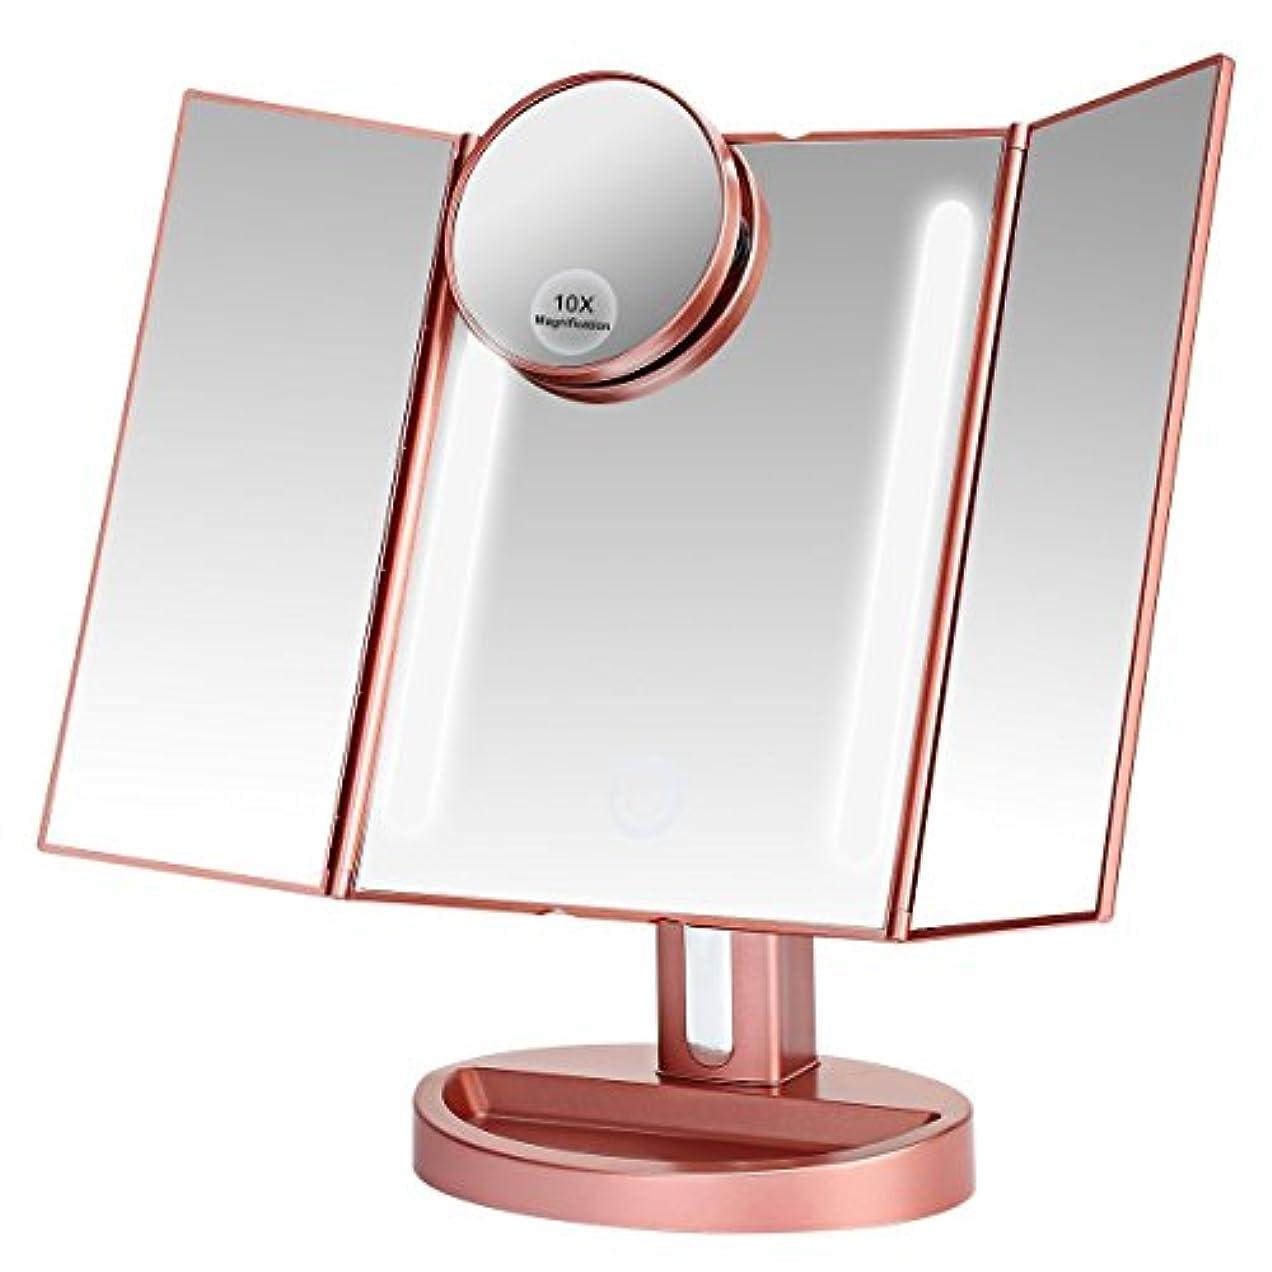 ましいブロンズつづりLEEPWEI 化粧鏡  LED三面鏡 折りたたみ式 10倍拡大鏡付き 明るさ調節 180度回転